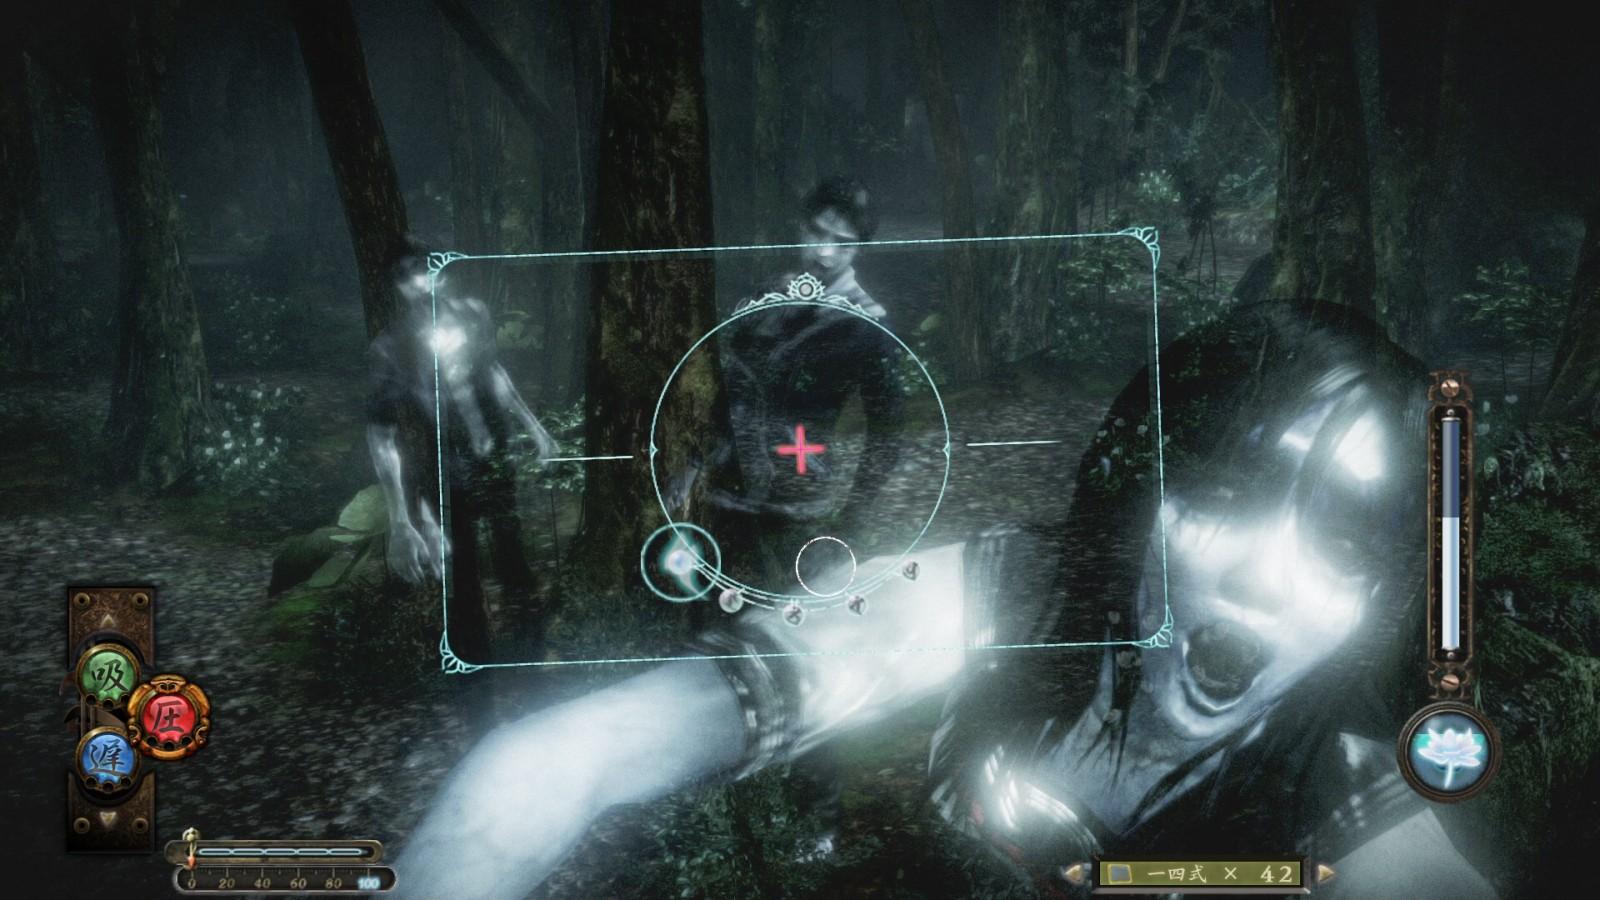 Fatal Frame: Maiden of Black Water ya tiene fecha de estreno en PC y consolas 1